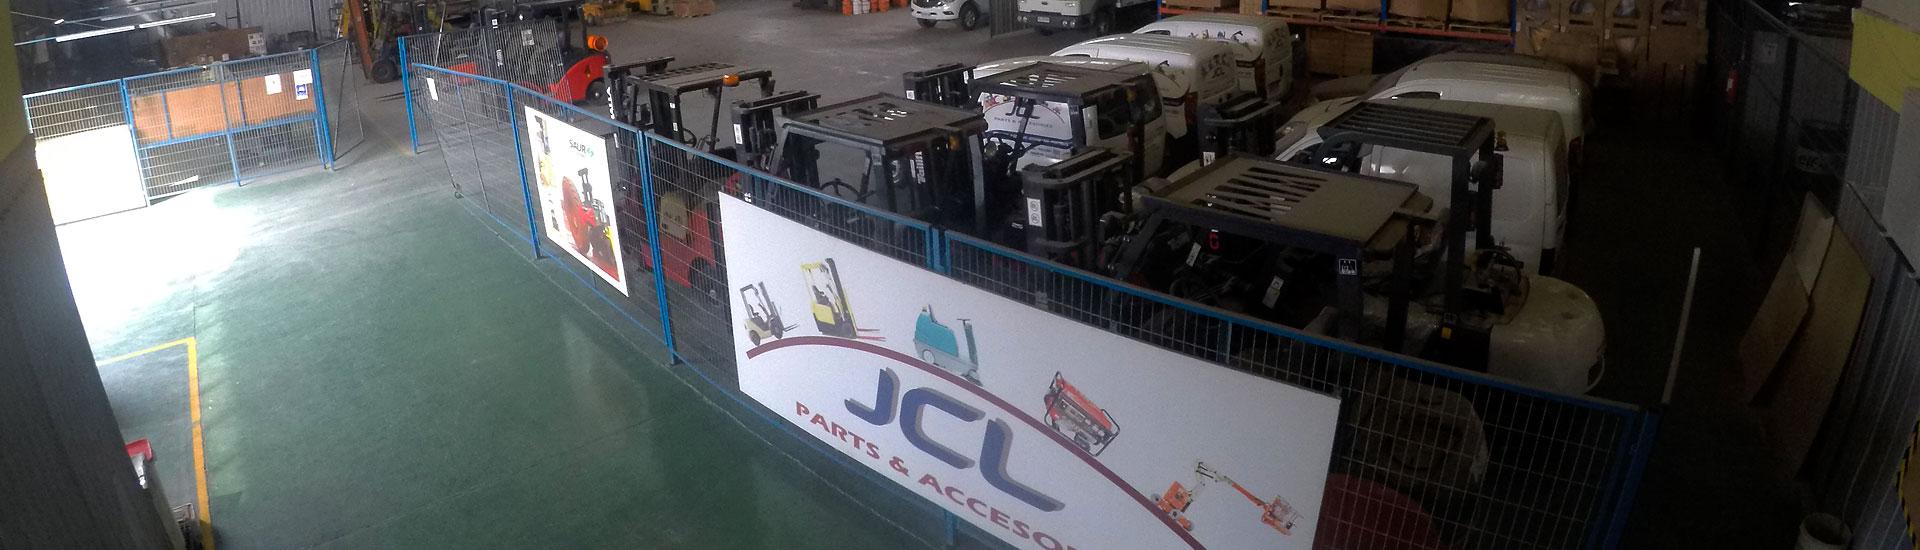 JCL | Partes & Accesorios